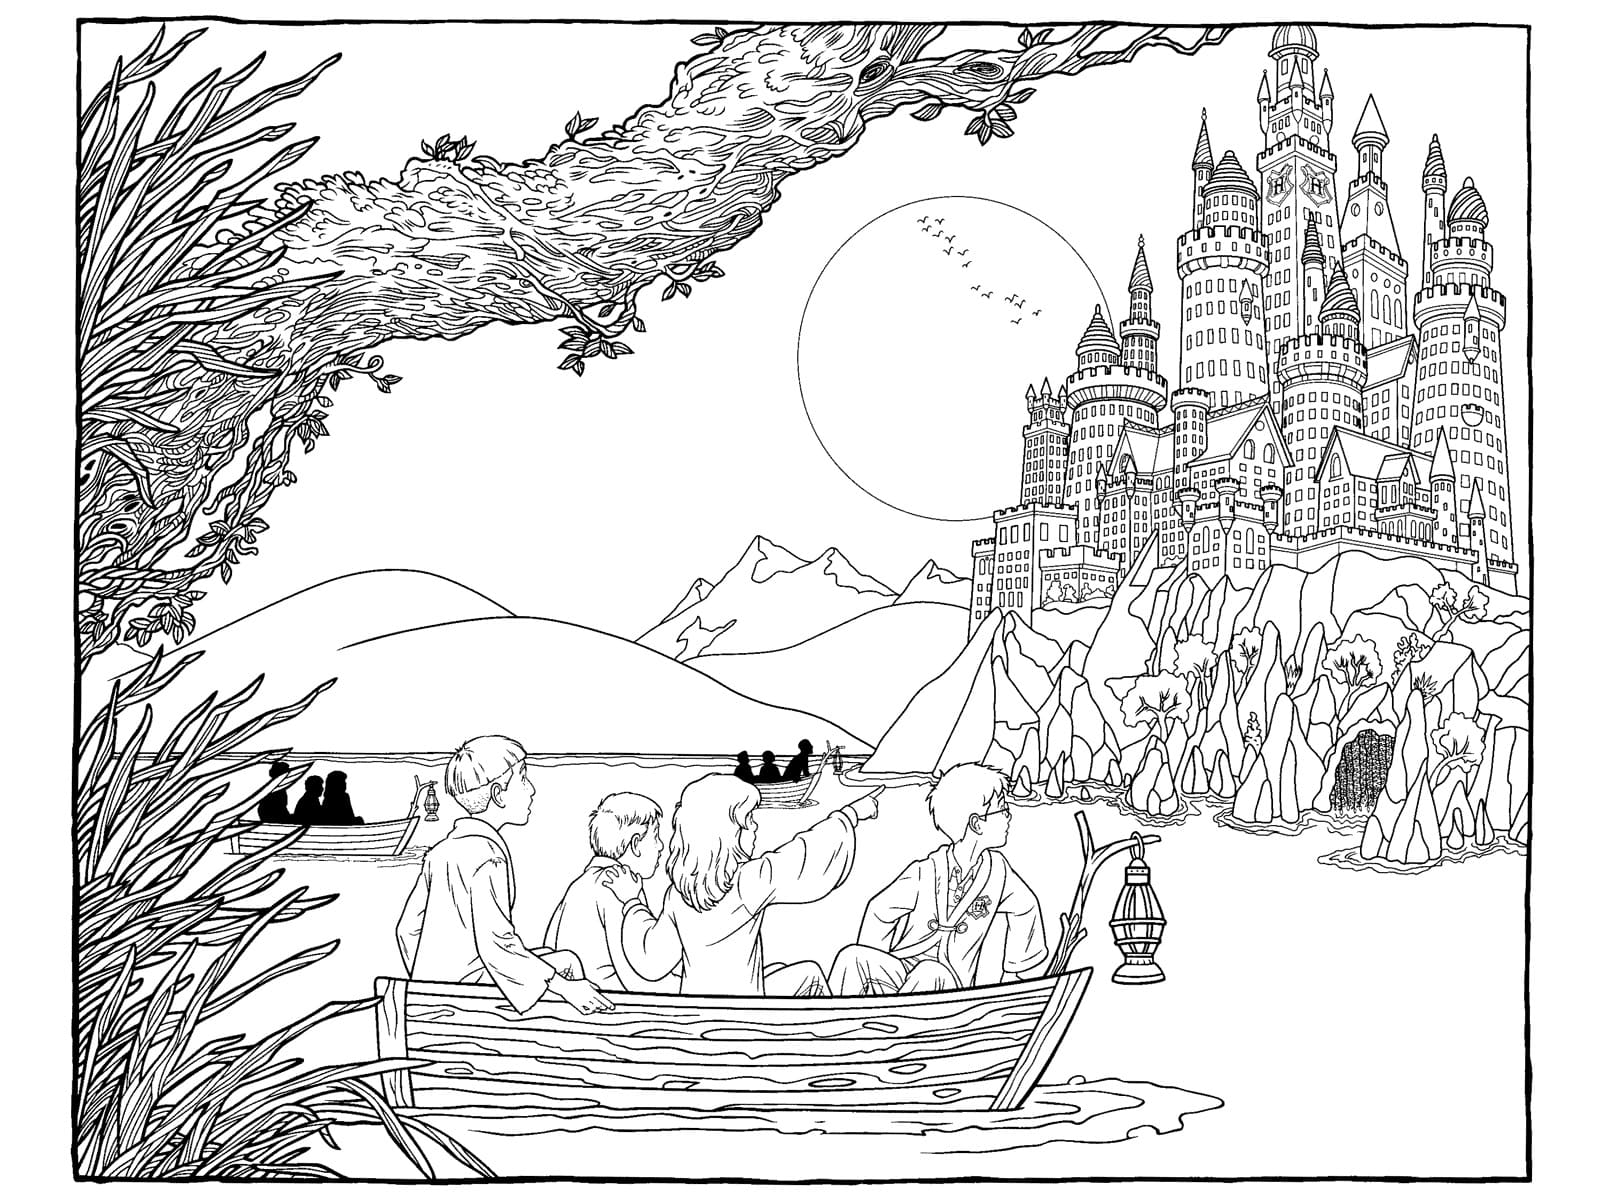 Раскраски Гарри Поттер. Распечатать бесплатно